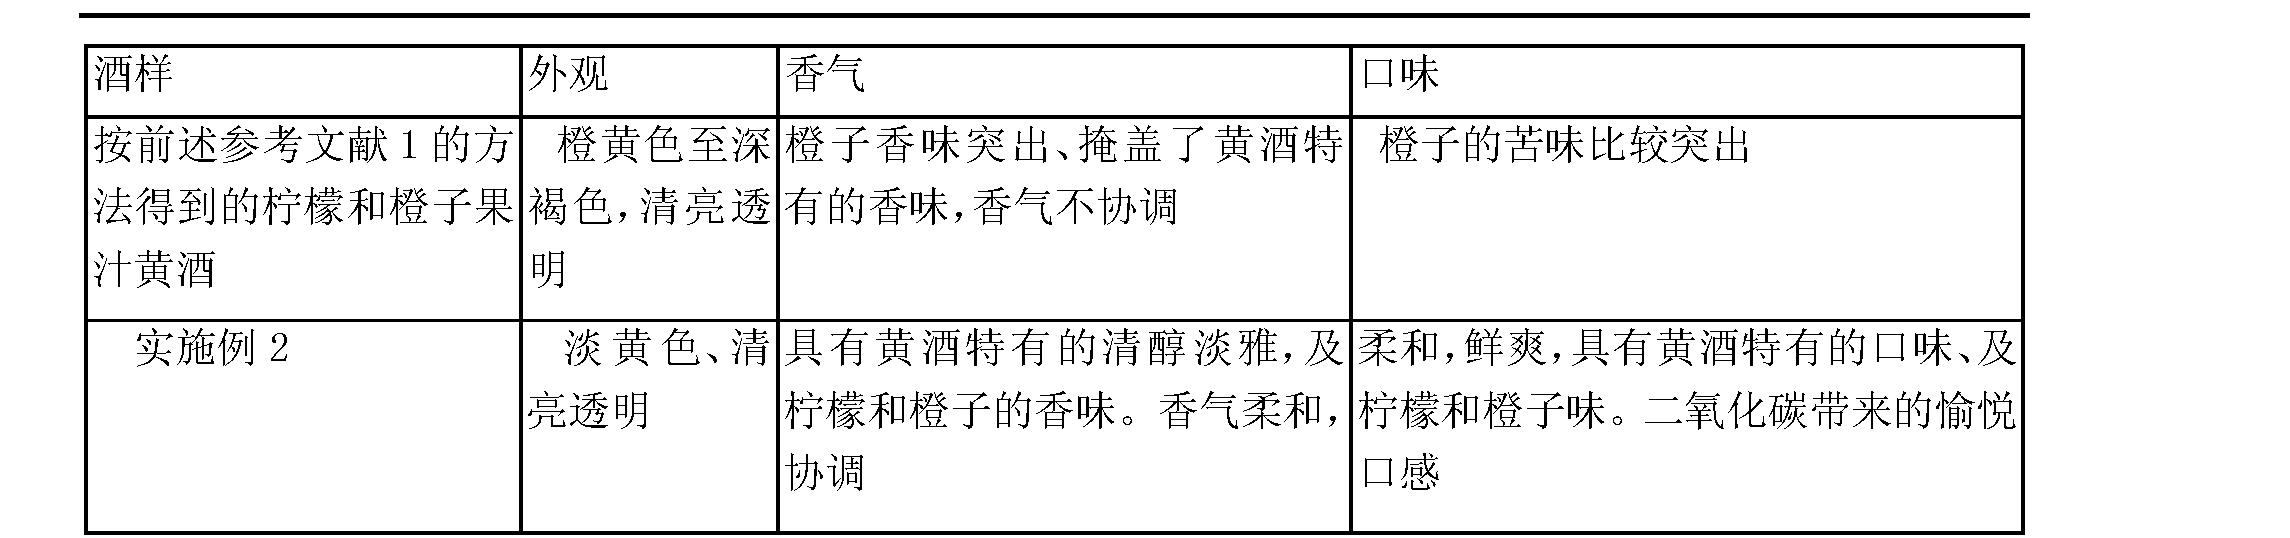 Figure CN102041215BD00061